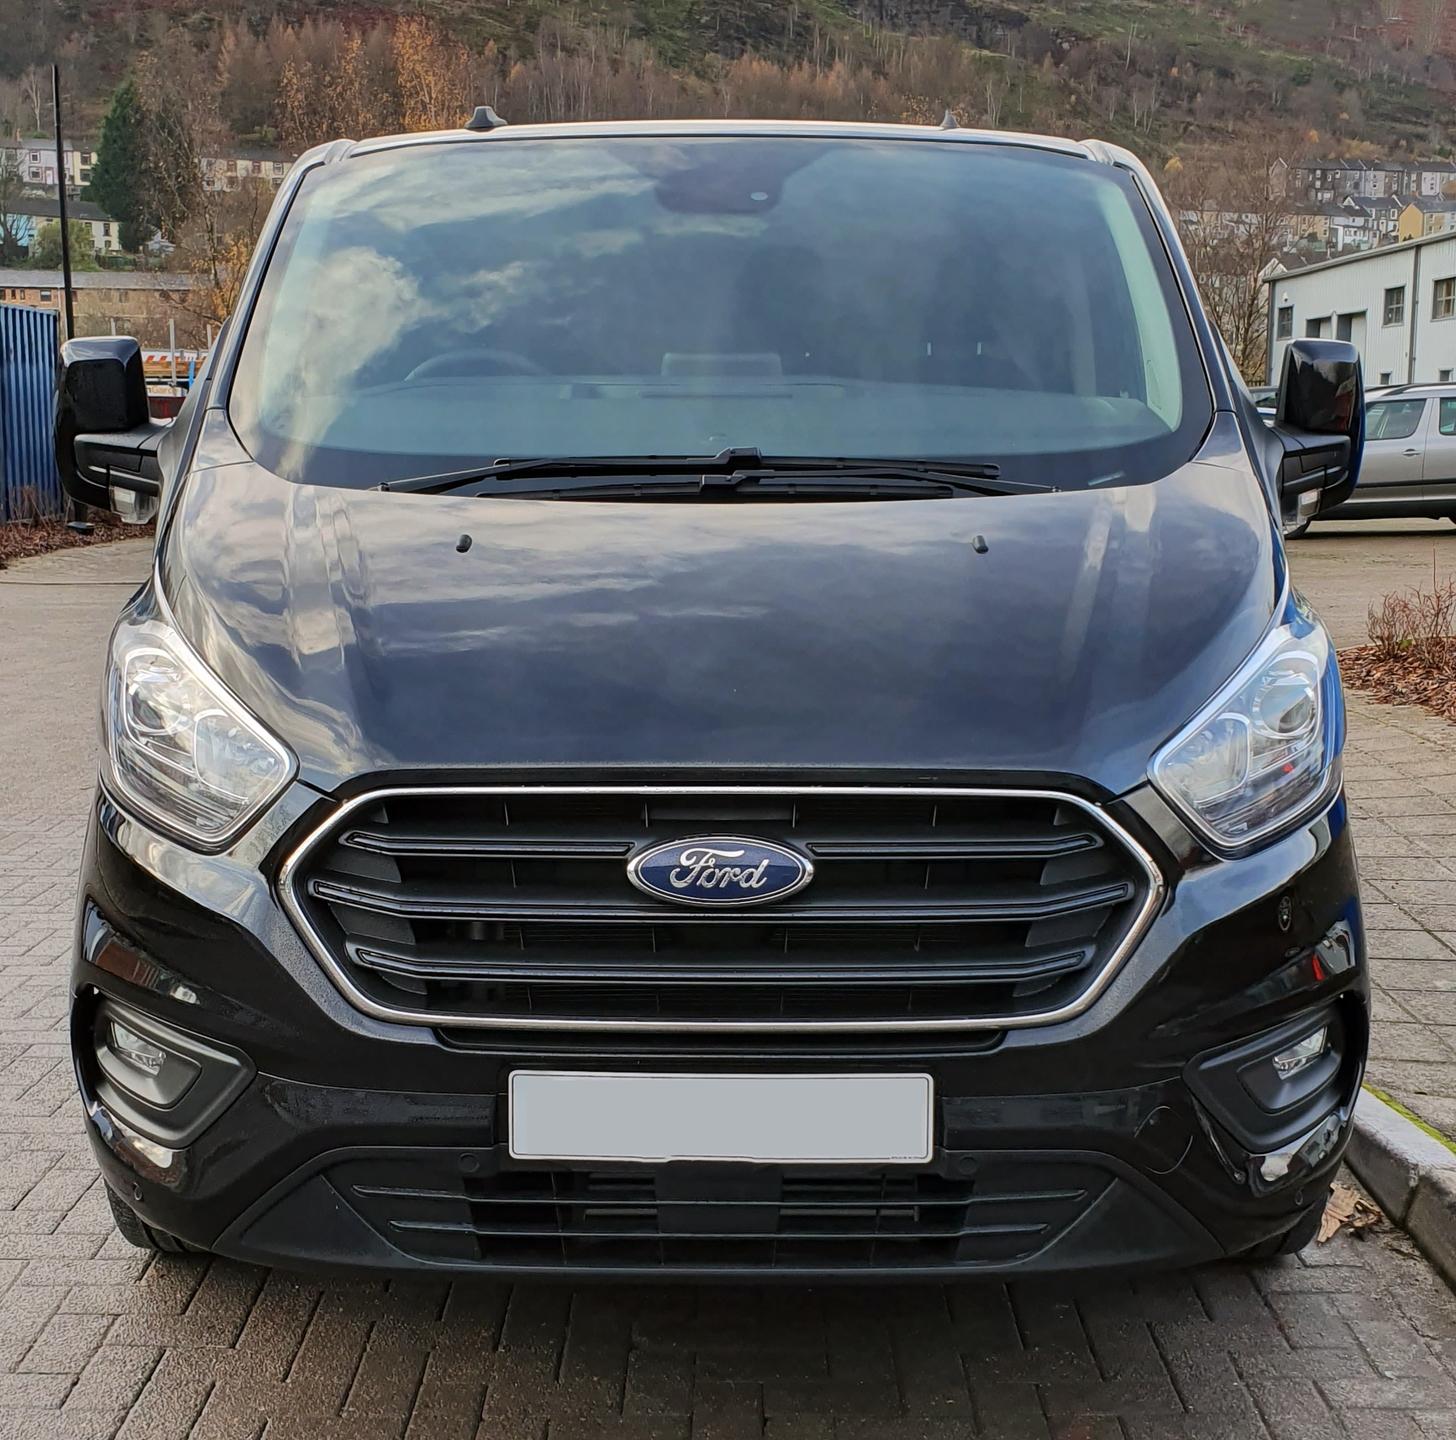 New Ford Van Leasing (@premierleasing) Cover Image